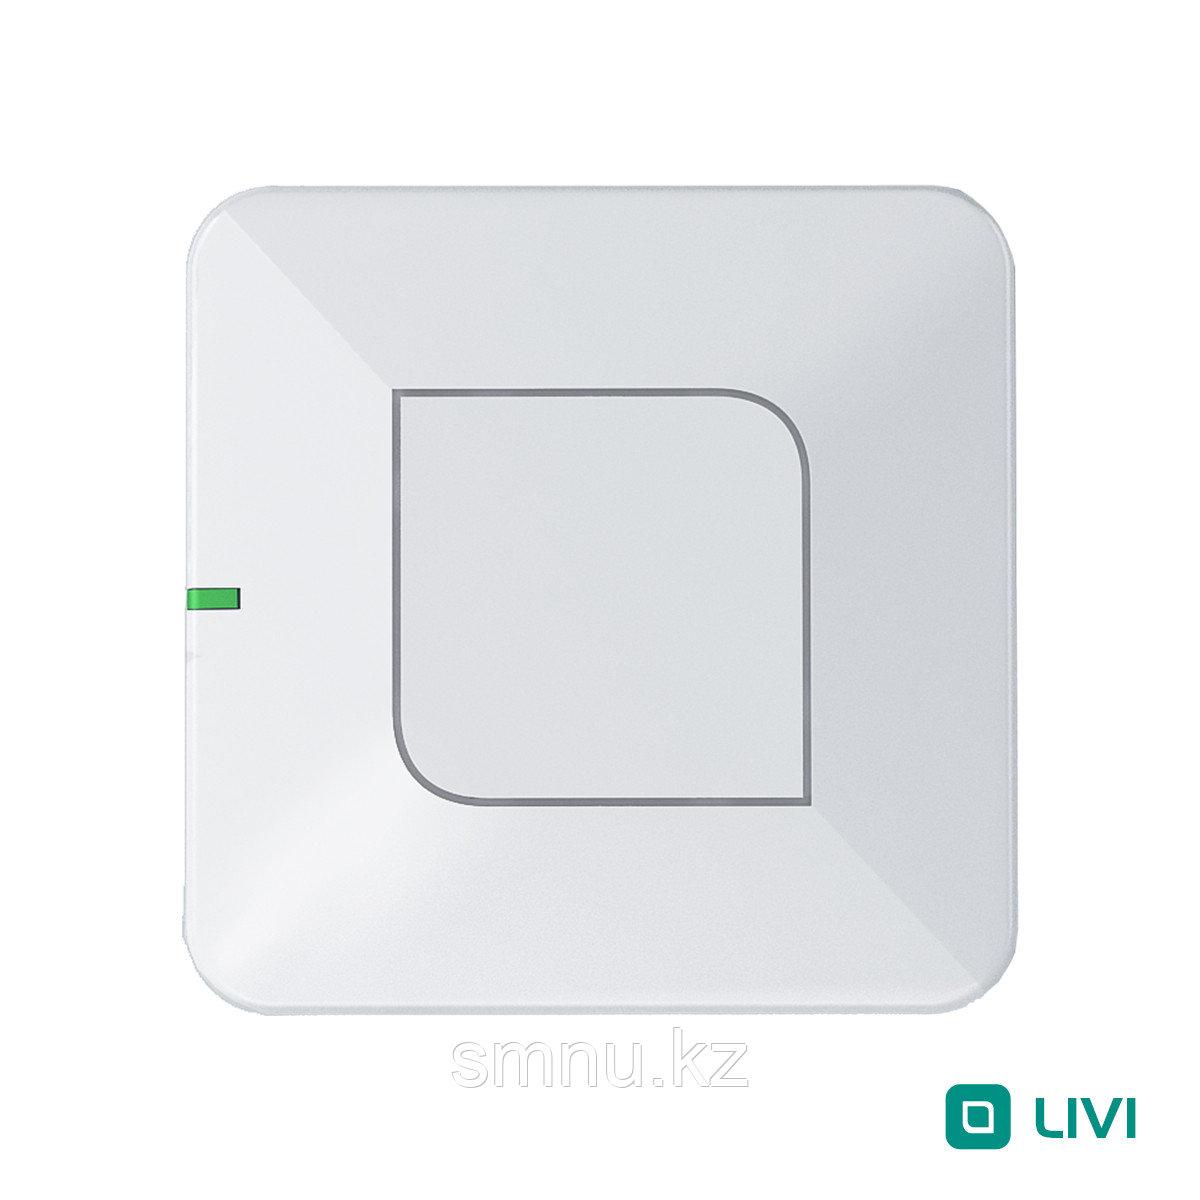 Livi RTRM  - Ретранслятор радиоканальный